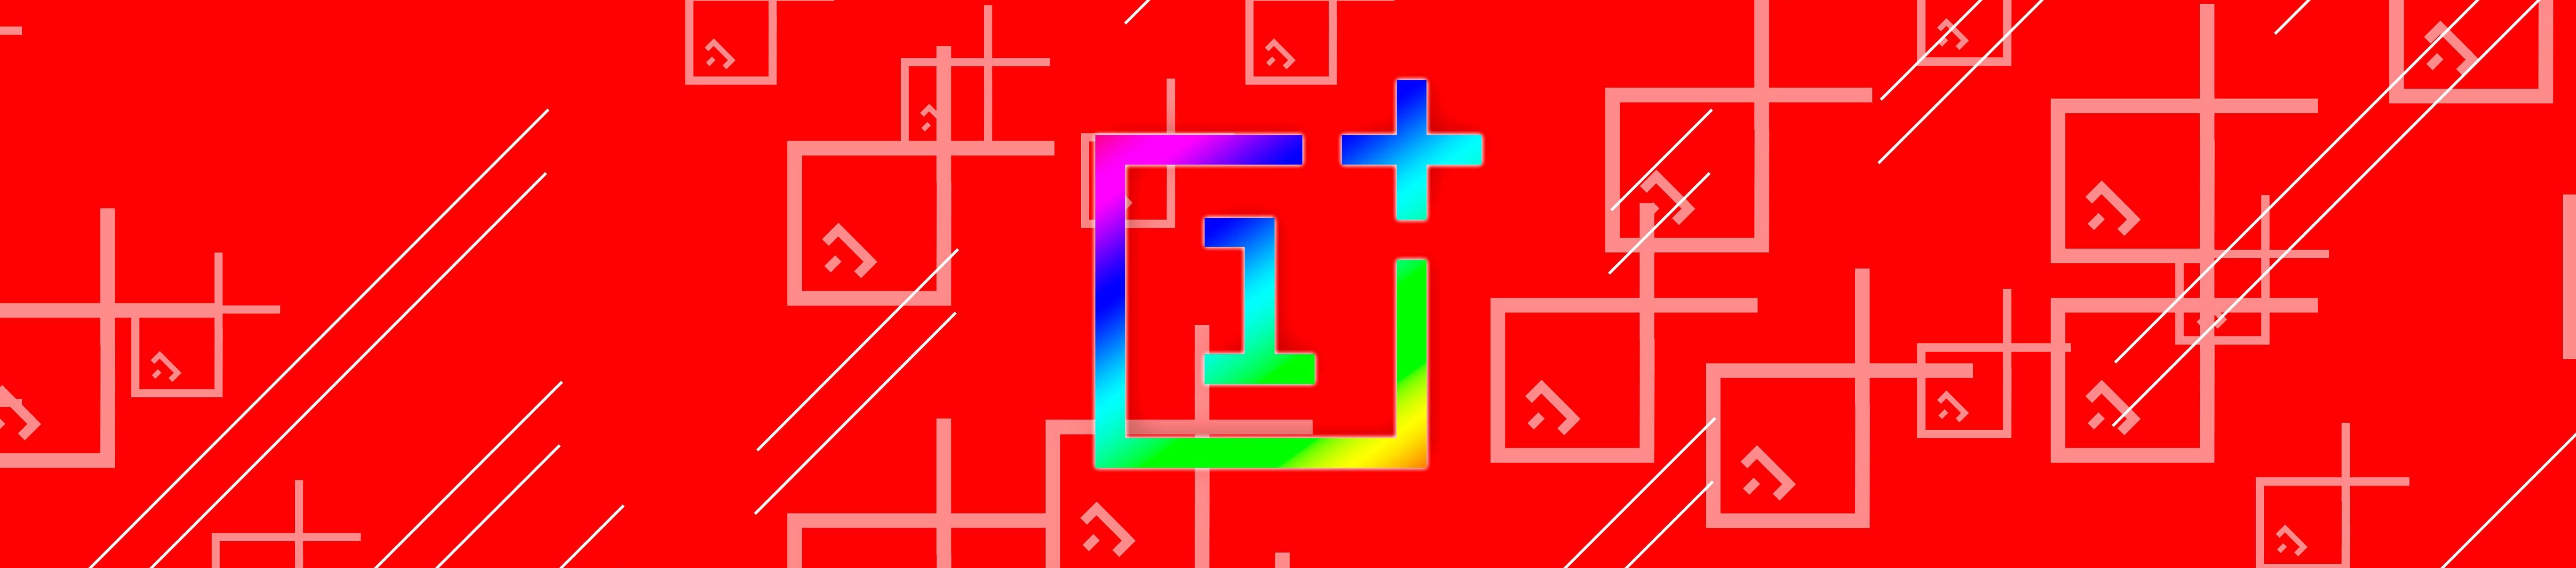 五彩斑斓的红